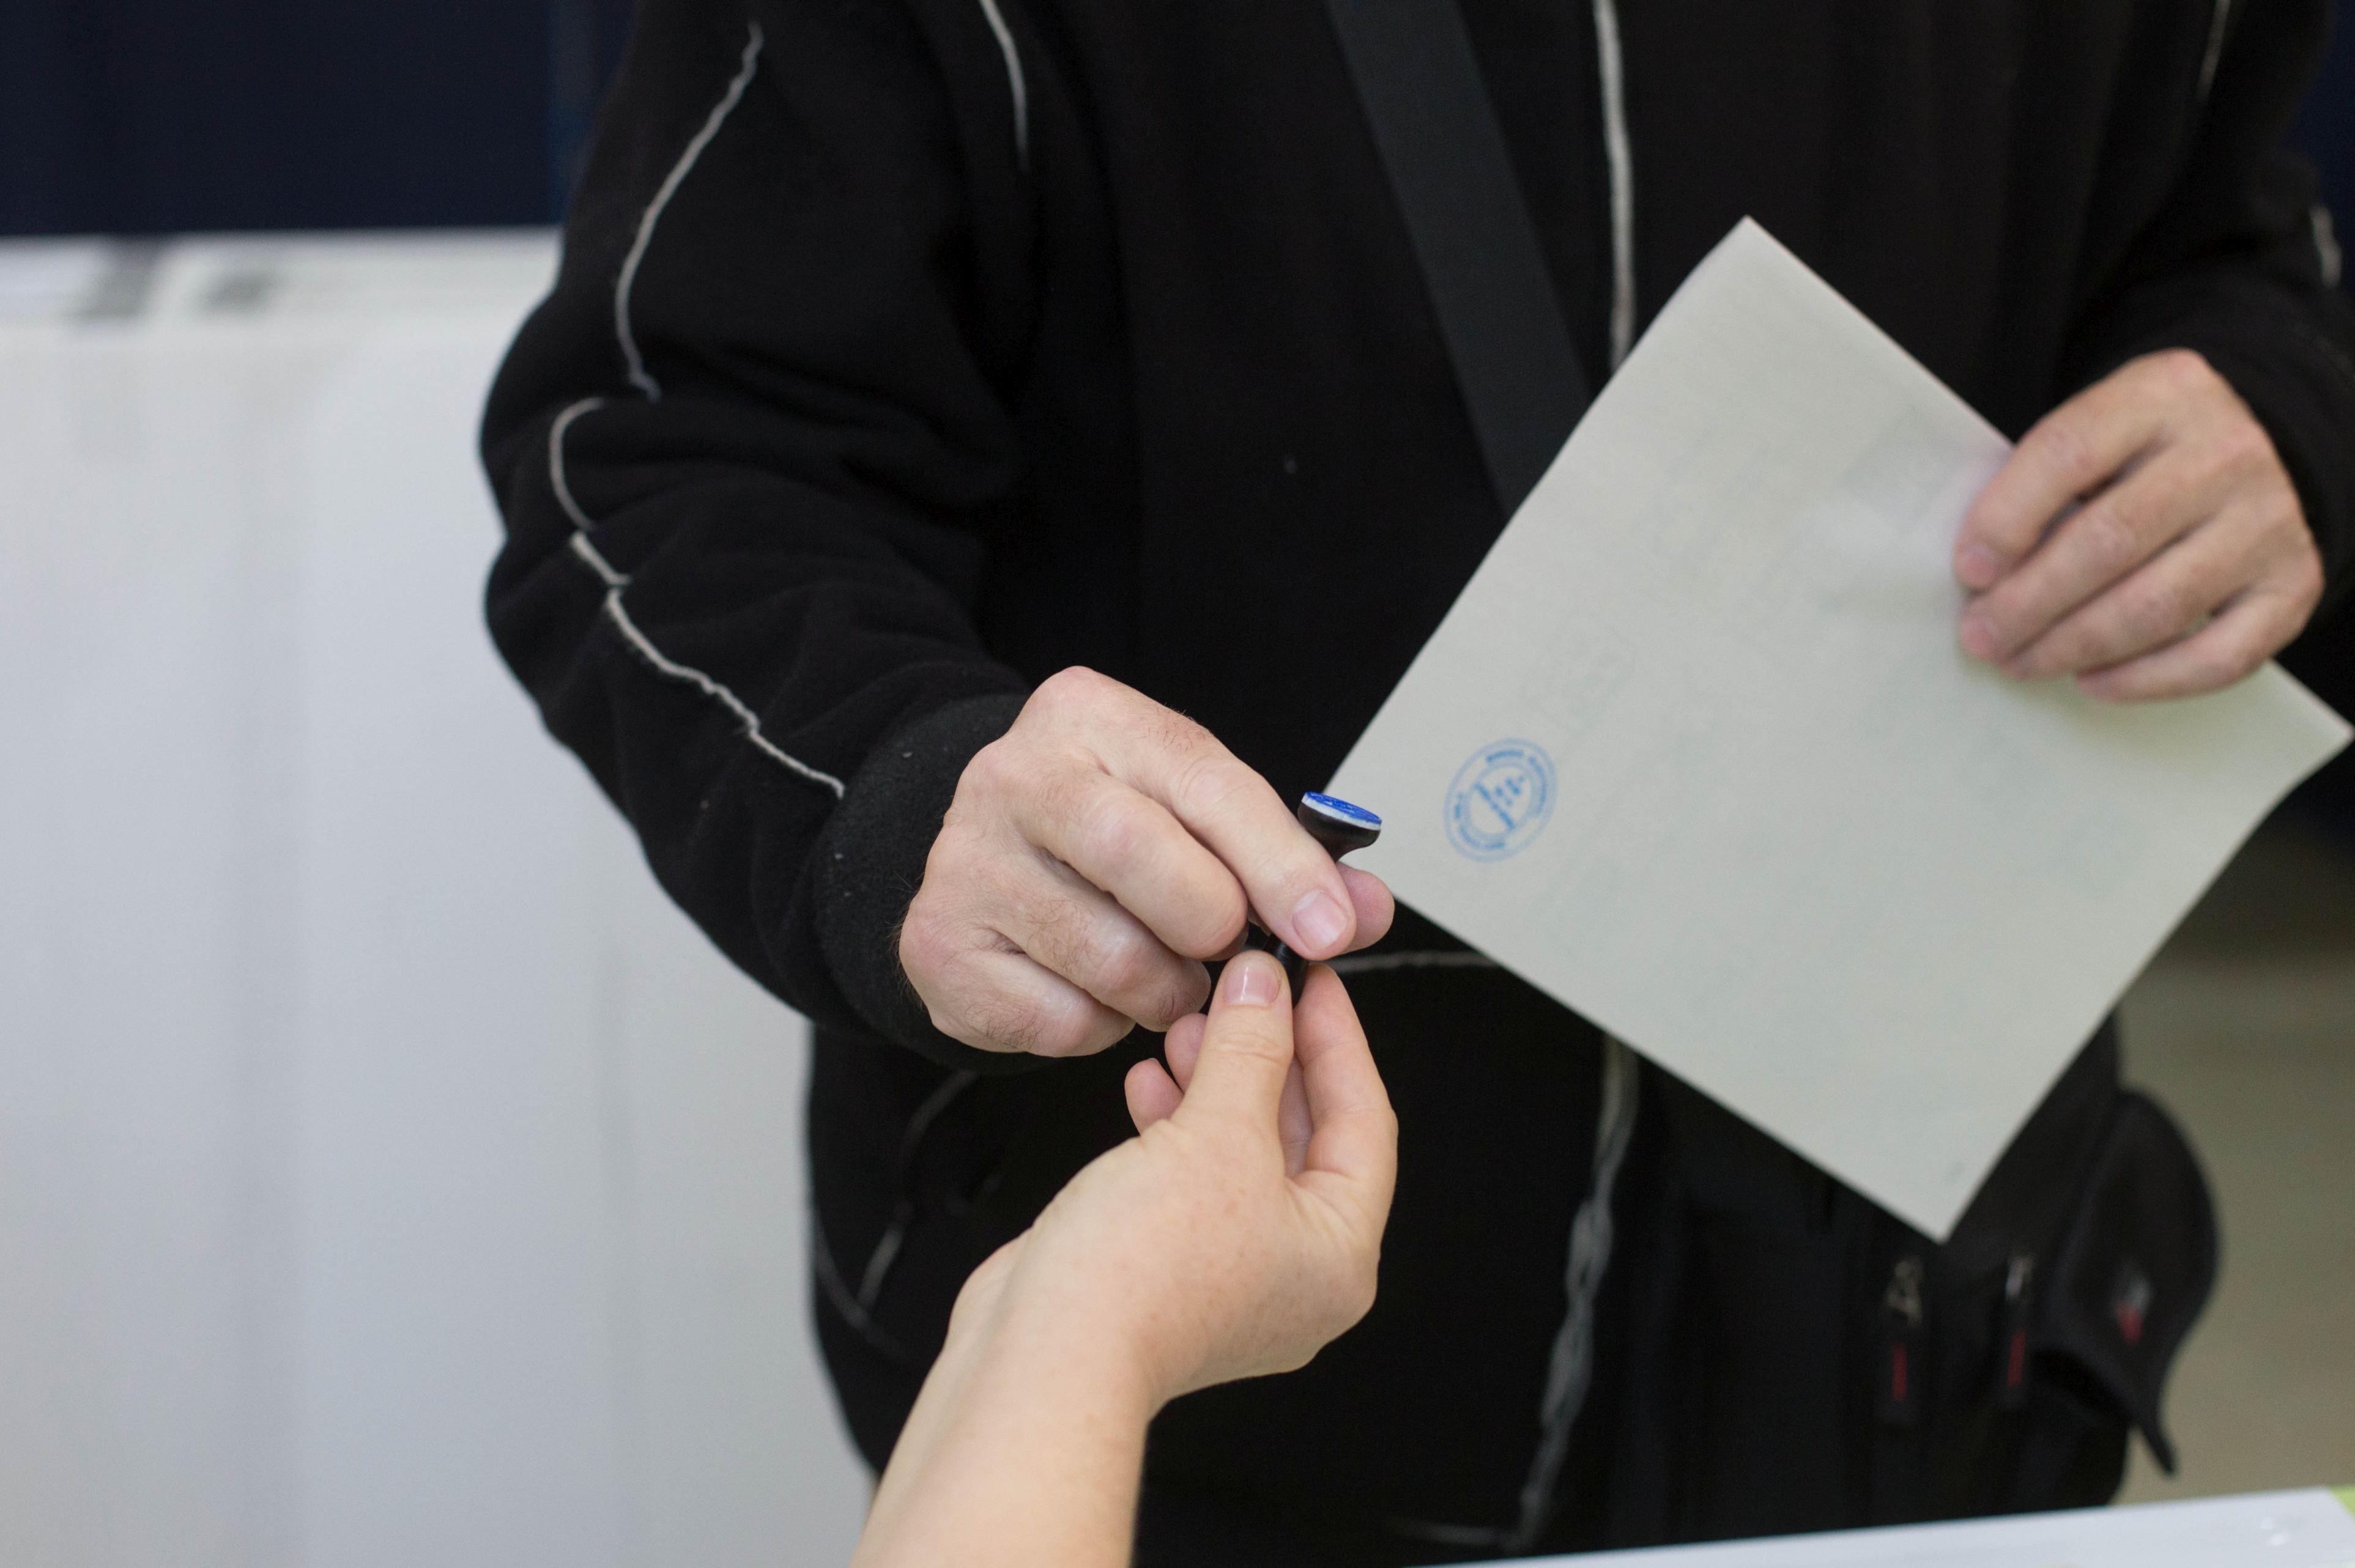 Rezultate provizorii alegeri prezidenţiale 2019, după numărarea a 100% din voturi: Iohannis - 36,65%, Dăncilă - 23,79%, Barna - 13,99%